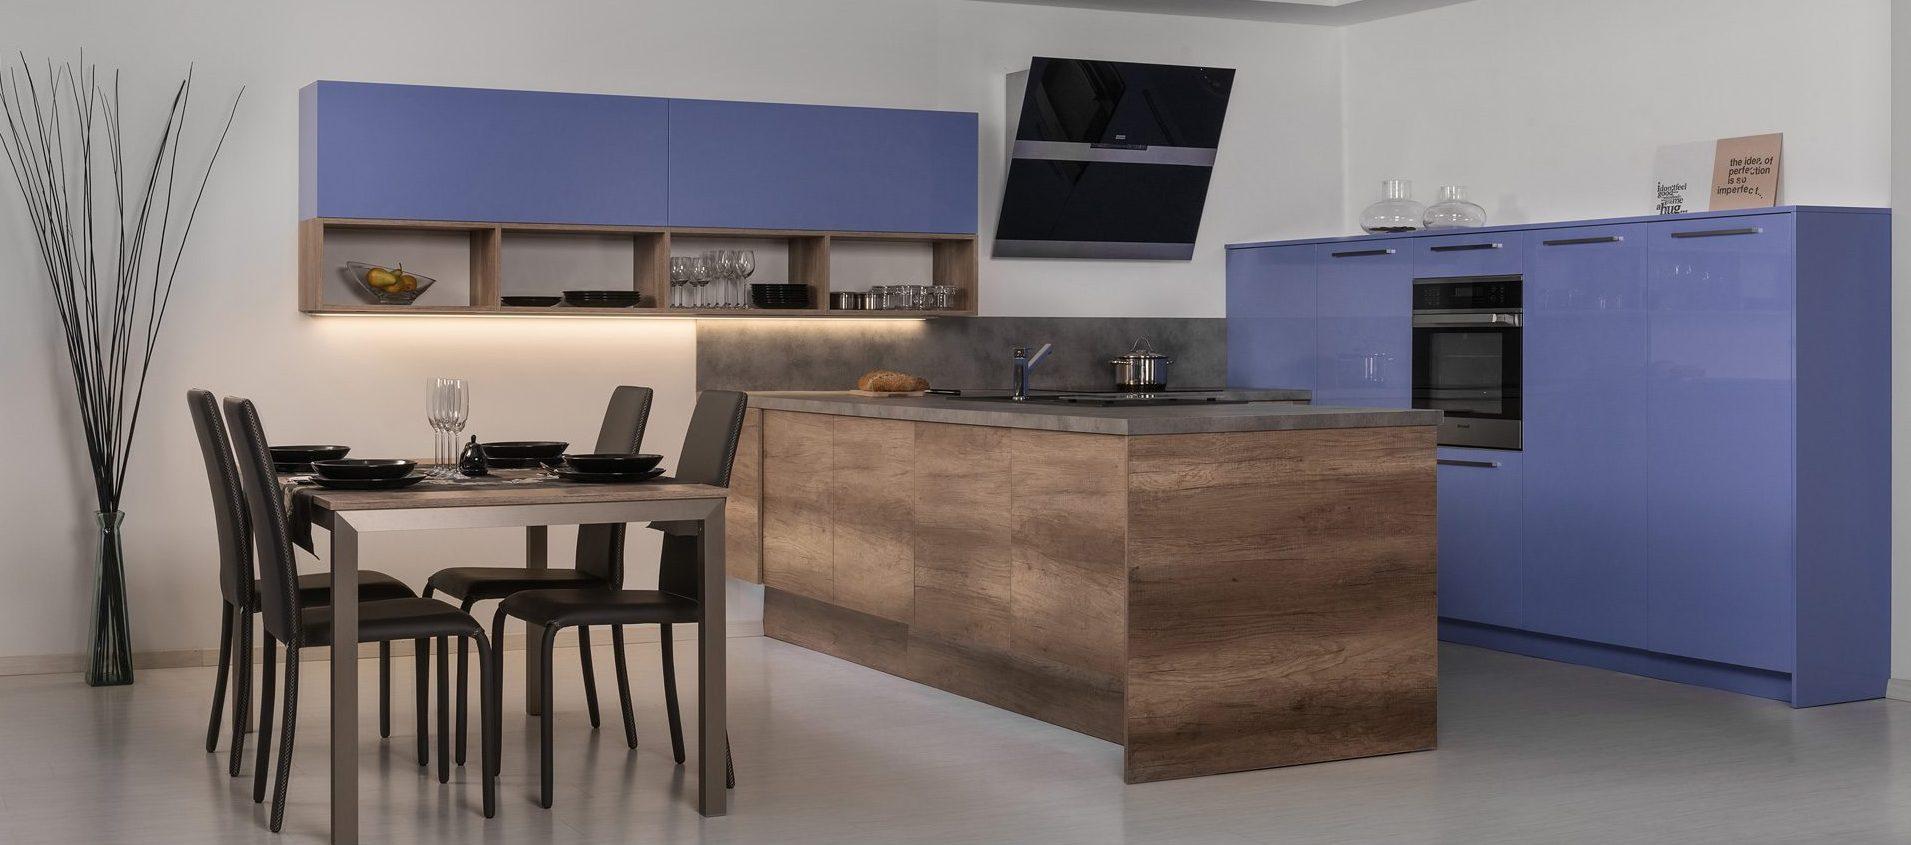 фото современного стиля кухни Алекса